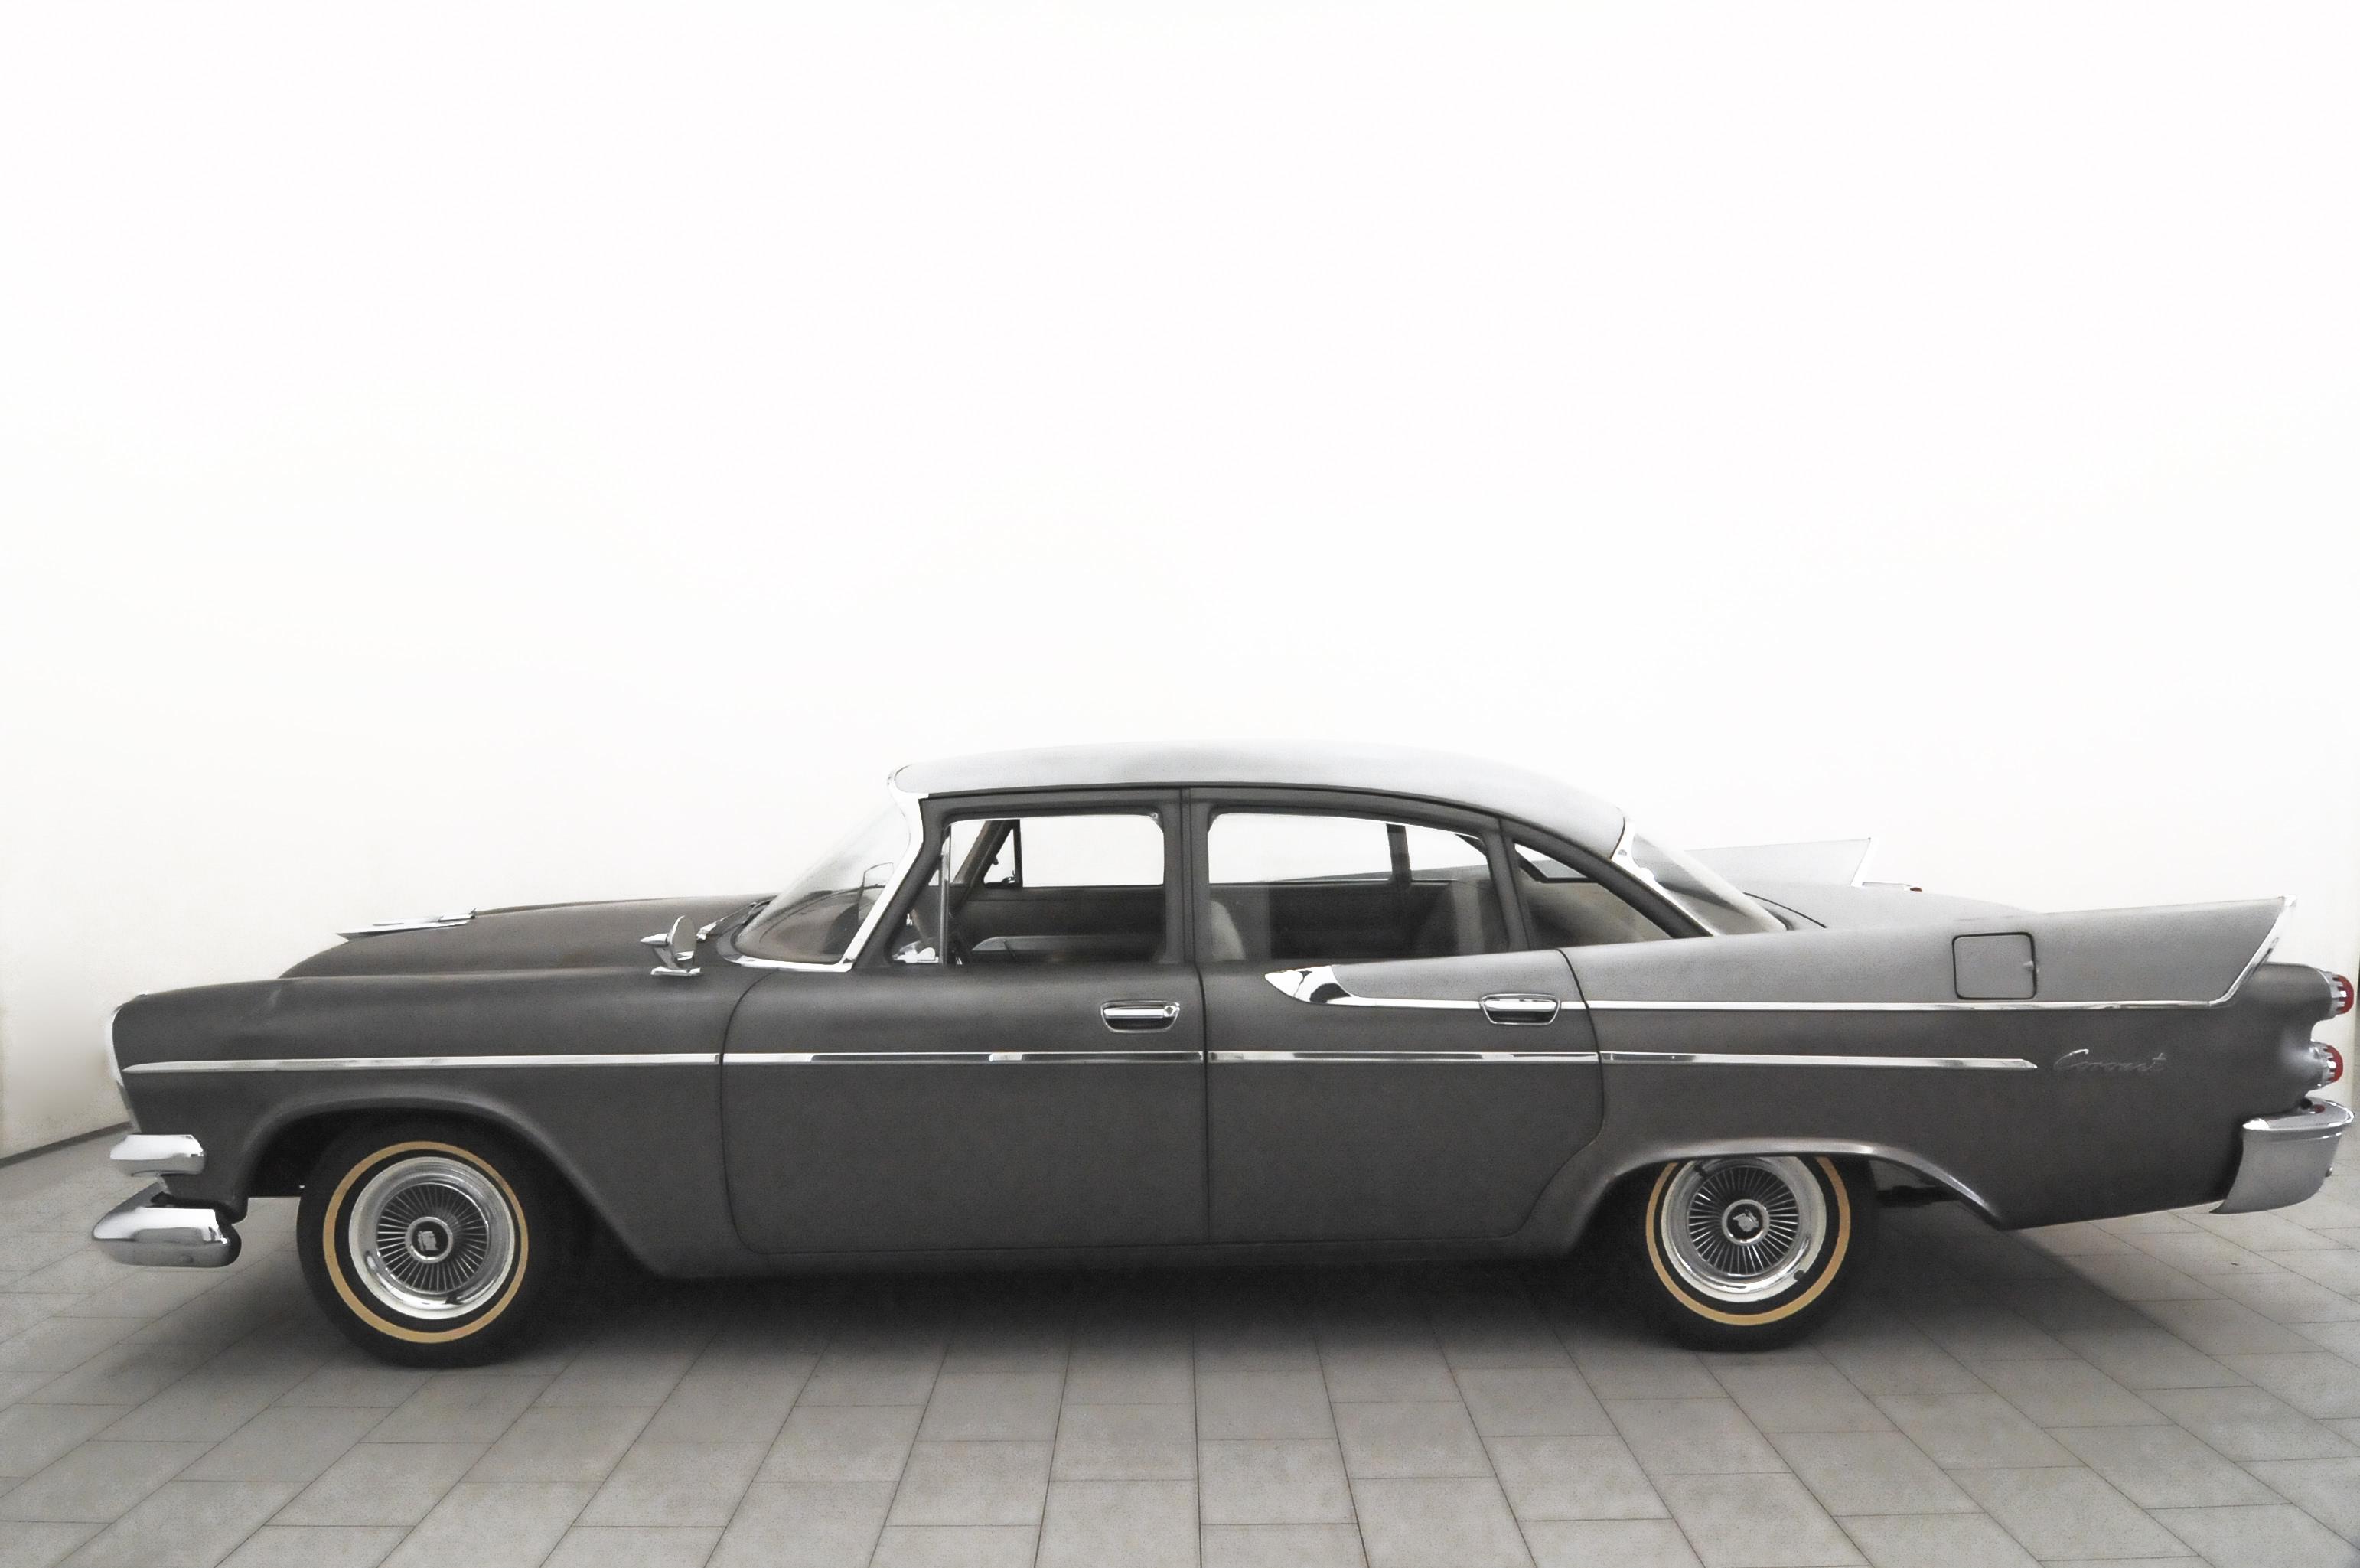 Dodge Coronet Classicbid 1949 2 Door